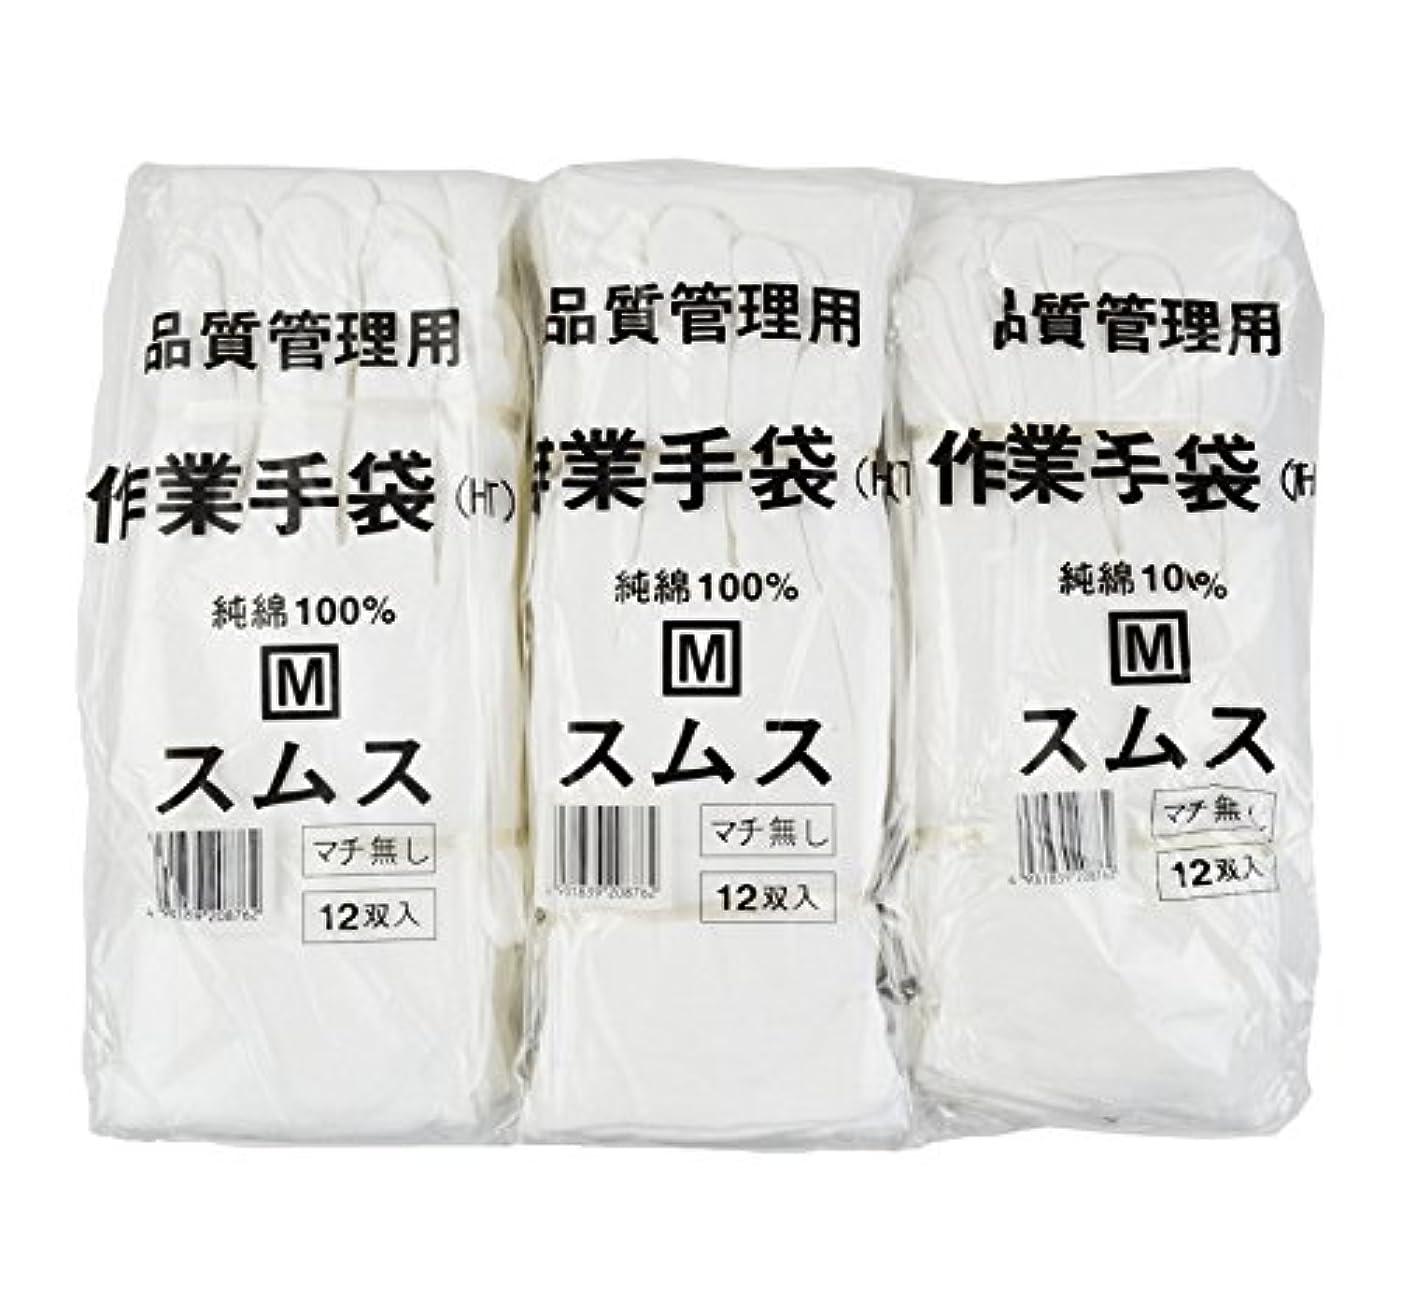 まできらめき対処する【お得なセット売り】 (36双) 純綿100% スムス 手袋 Mサイズ 12双×3袋セット 多用途 作業手袋 101116